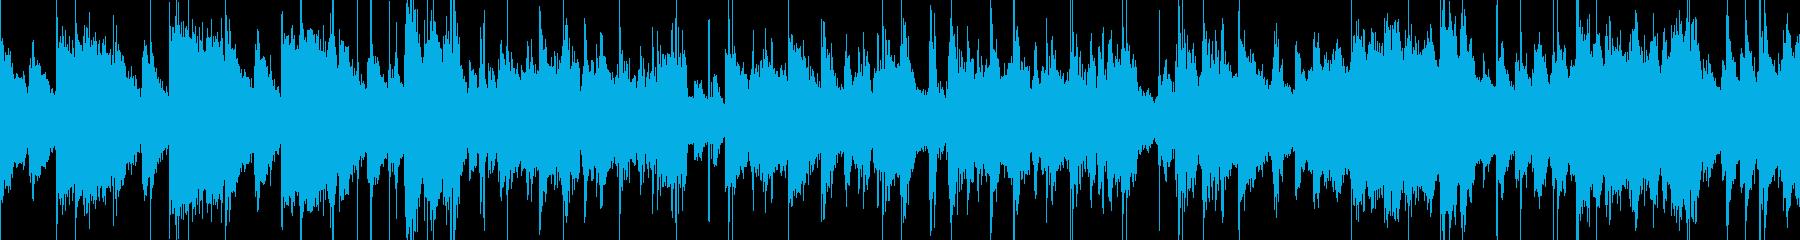 ビッグバンド 風カジノのBGMの再生済みの波形